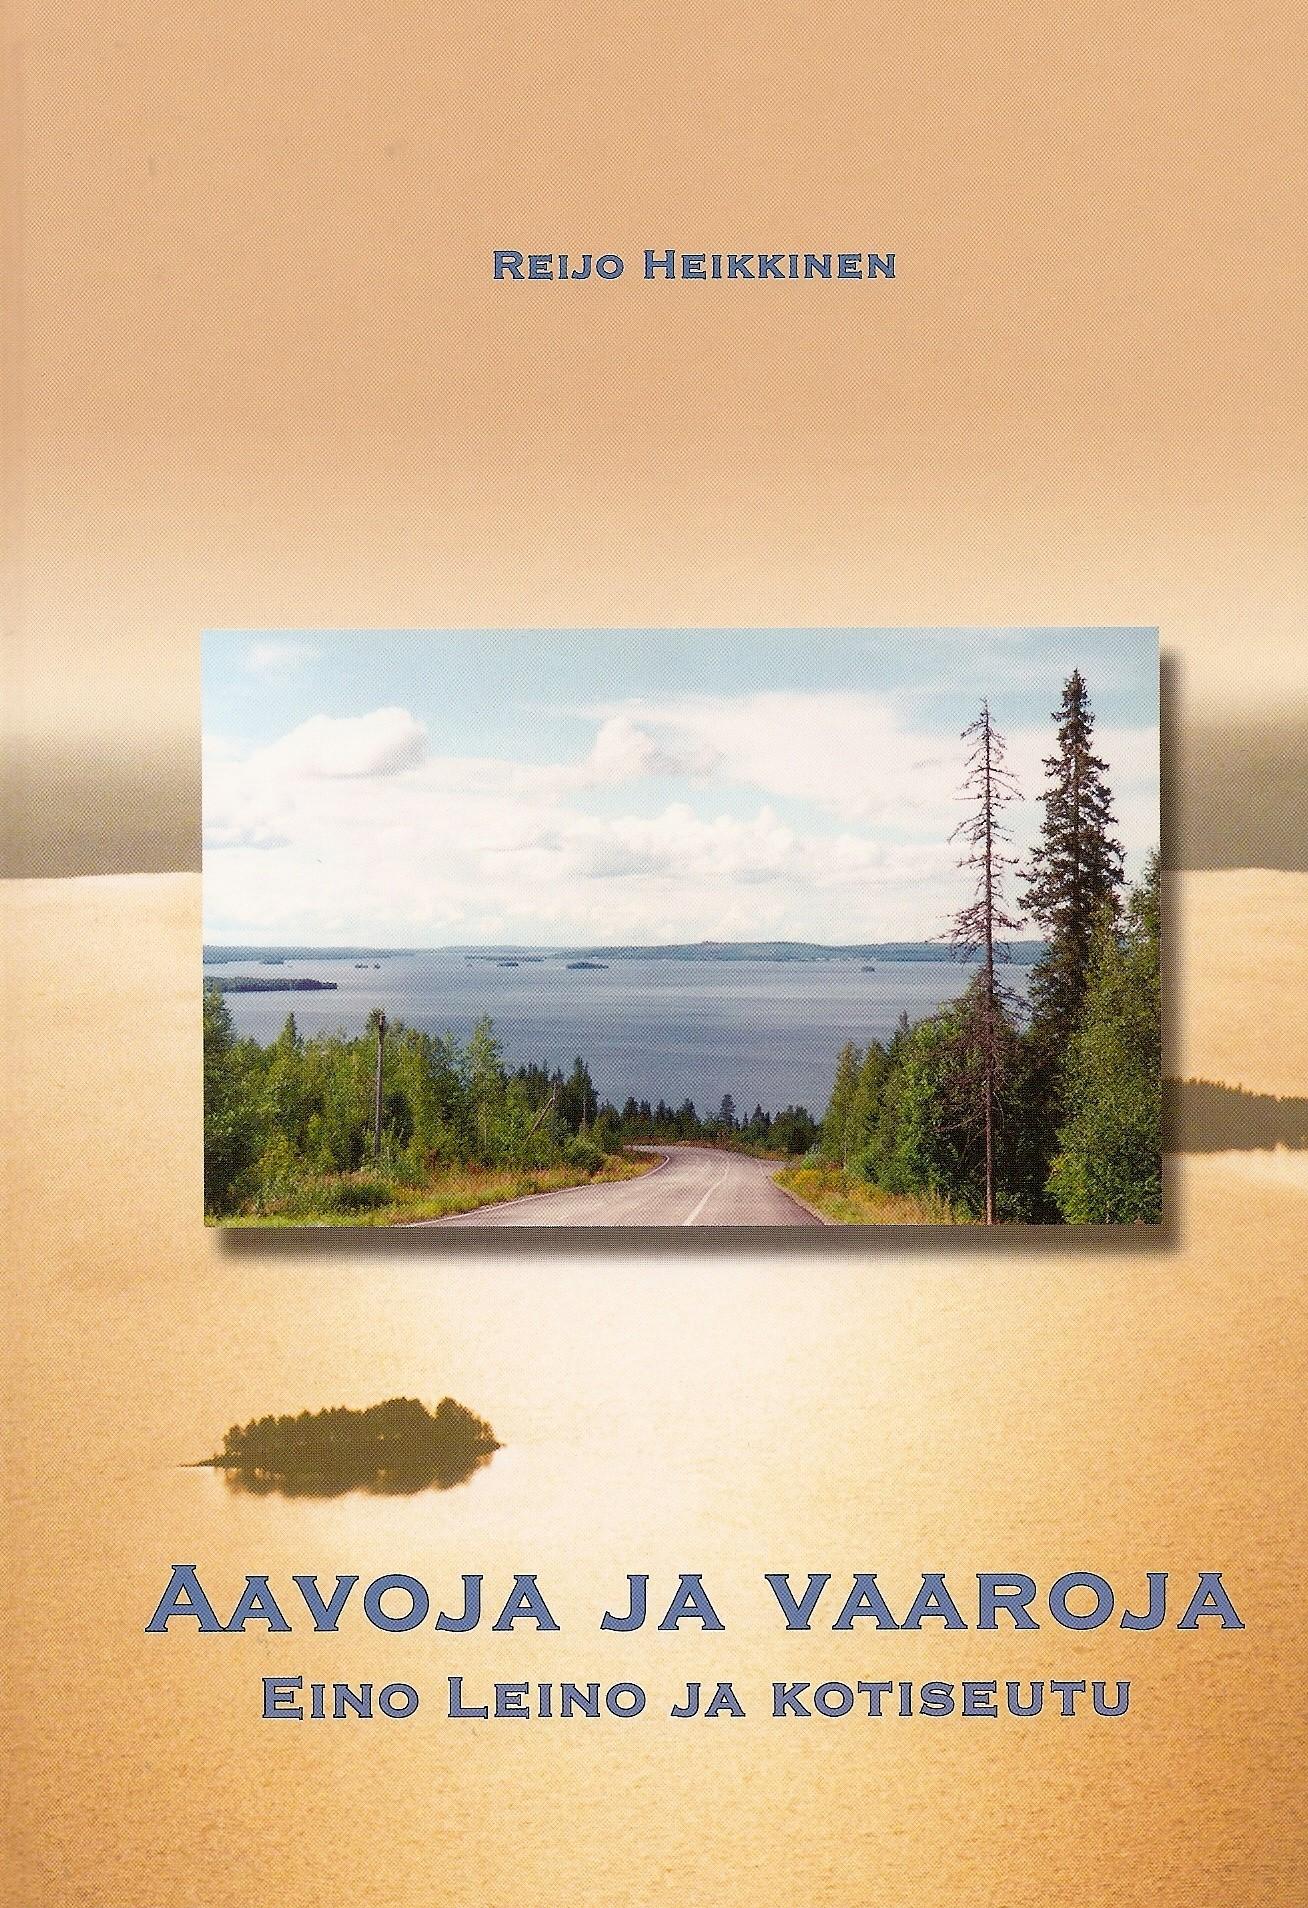 Aavo ja vaaroja - Eino Leino ja kotiseutu 2003